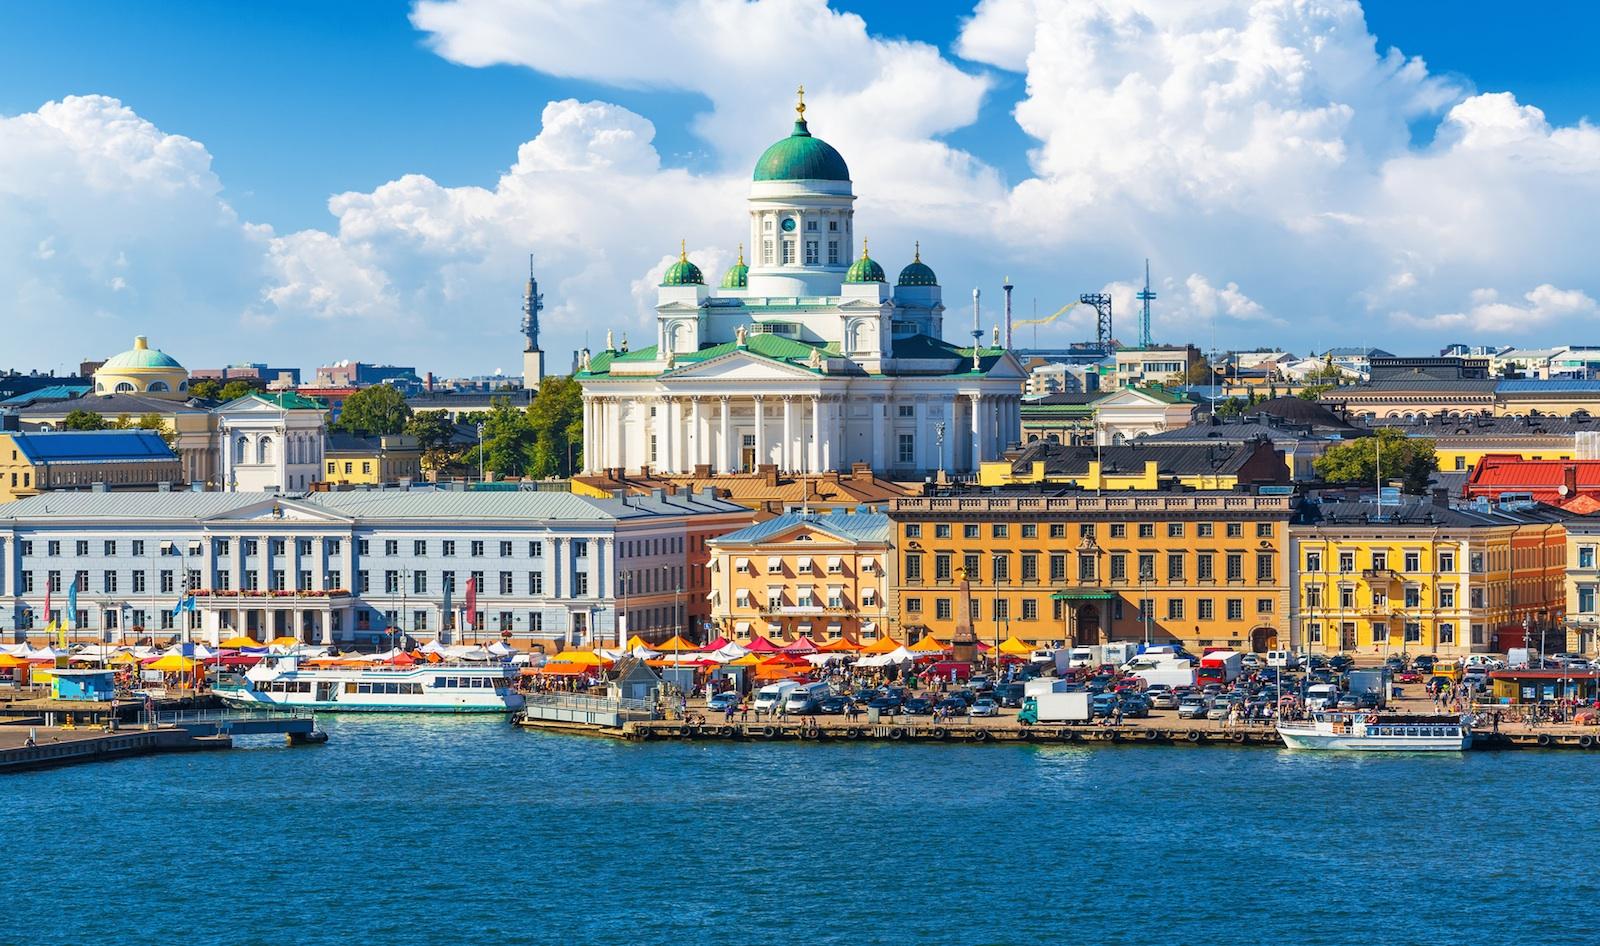 Helsinki's, Finland